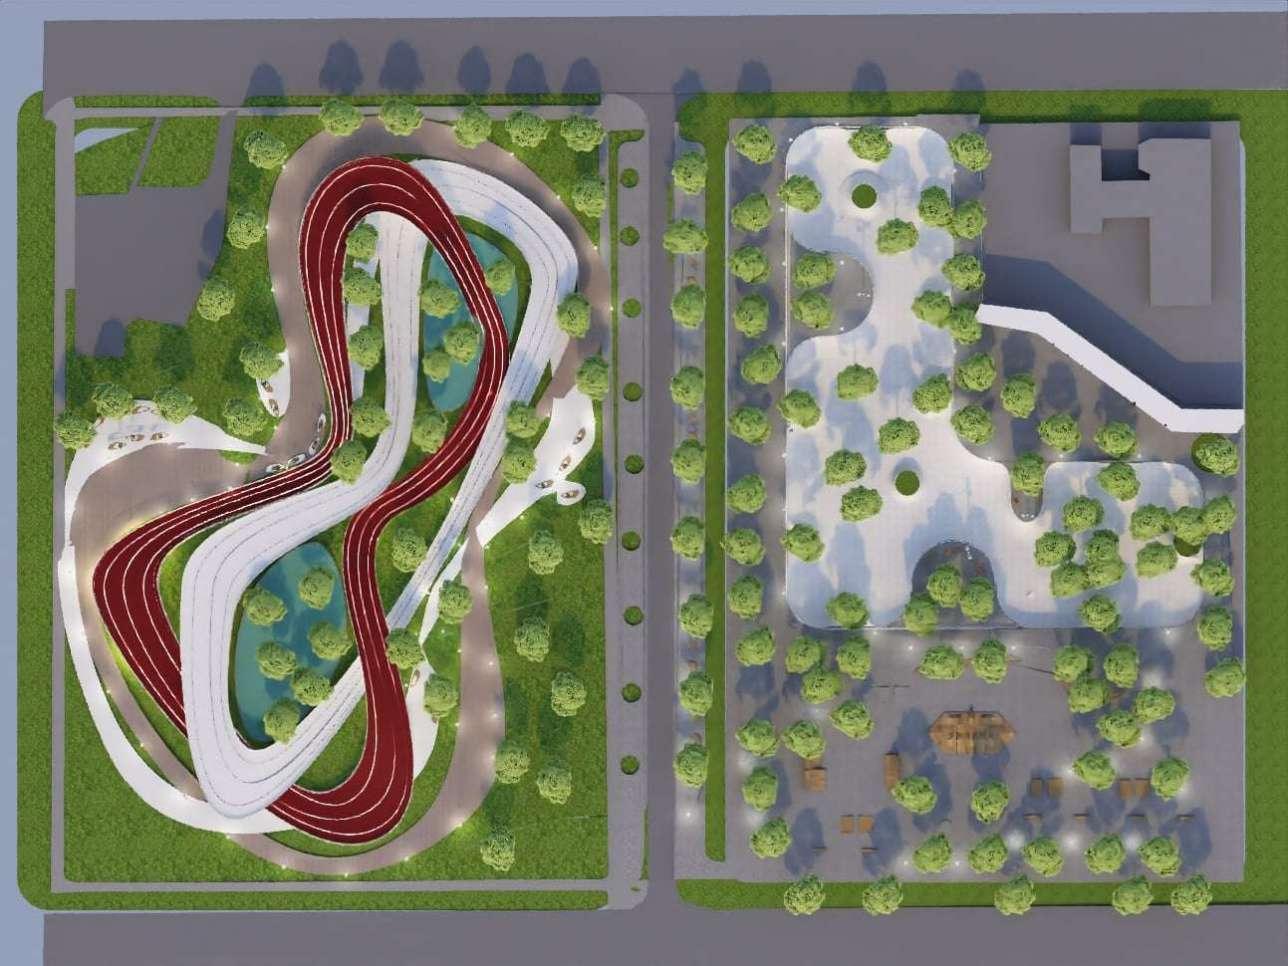 Предложенный проект преобразования сквера вдоль улицы Байсеитовой